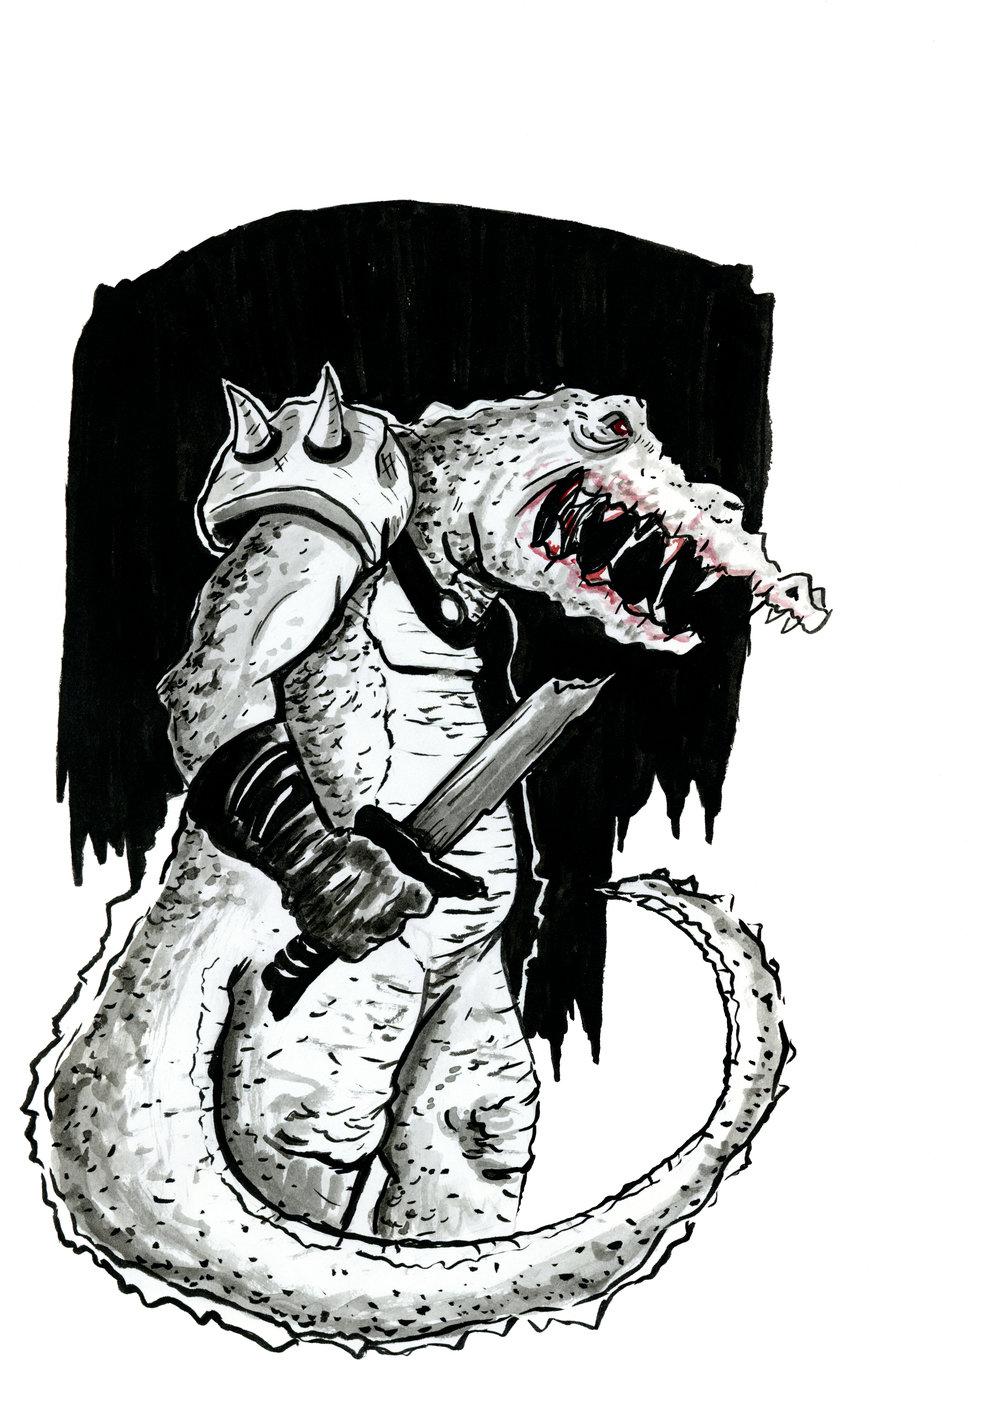 Croc Soldier